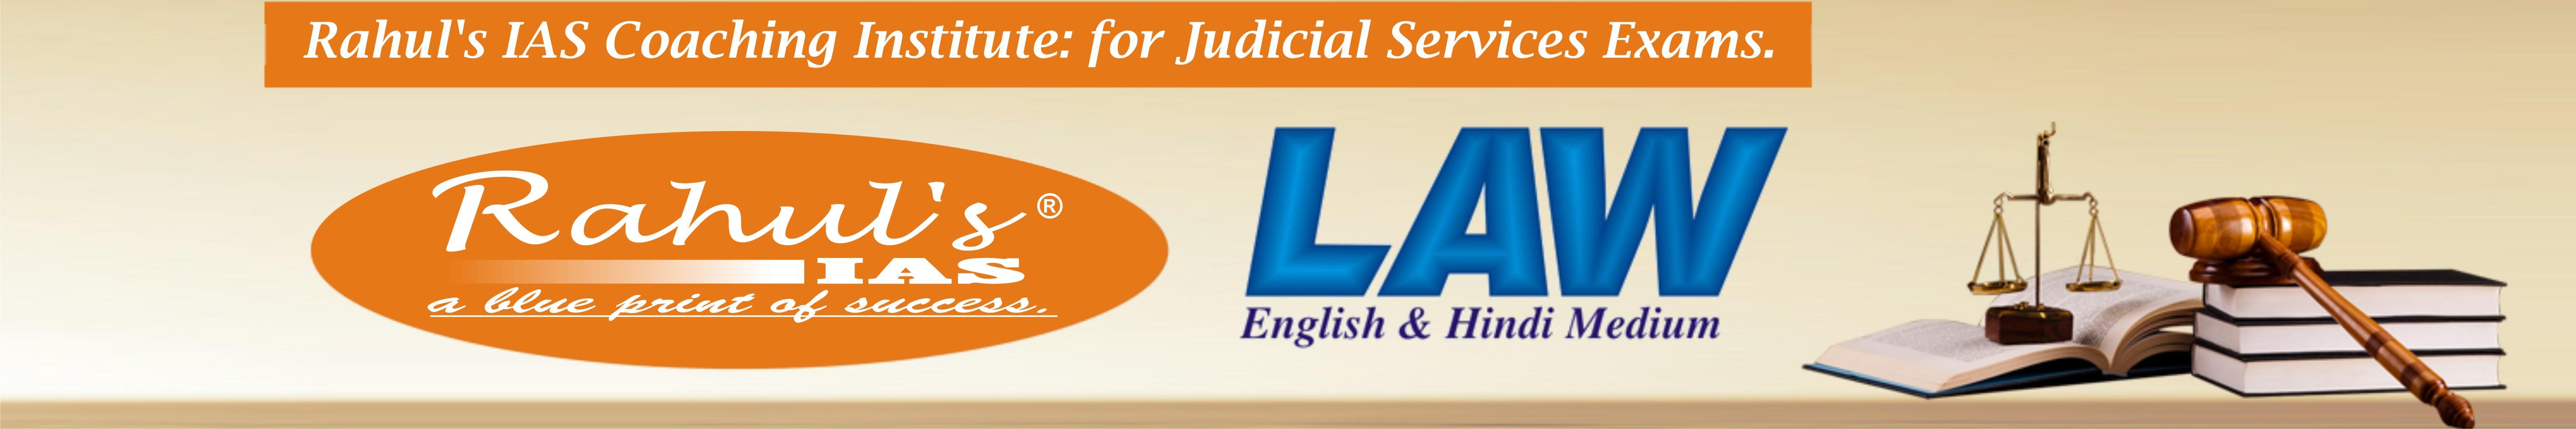 Rahul's IAS